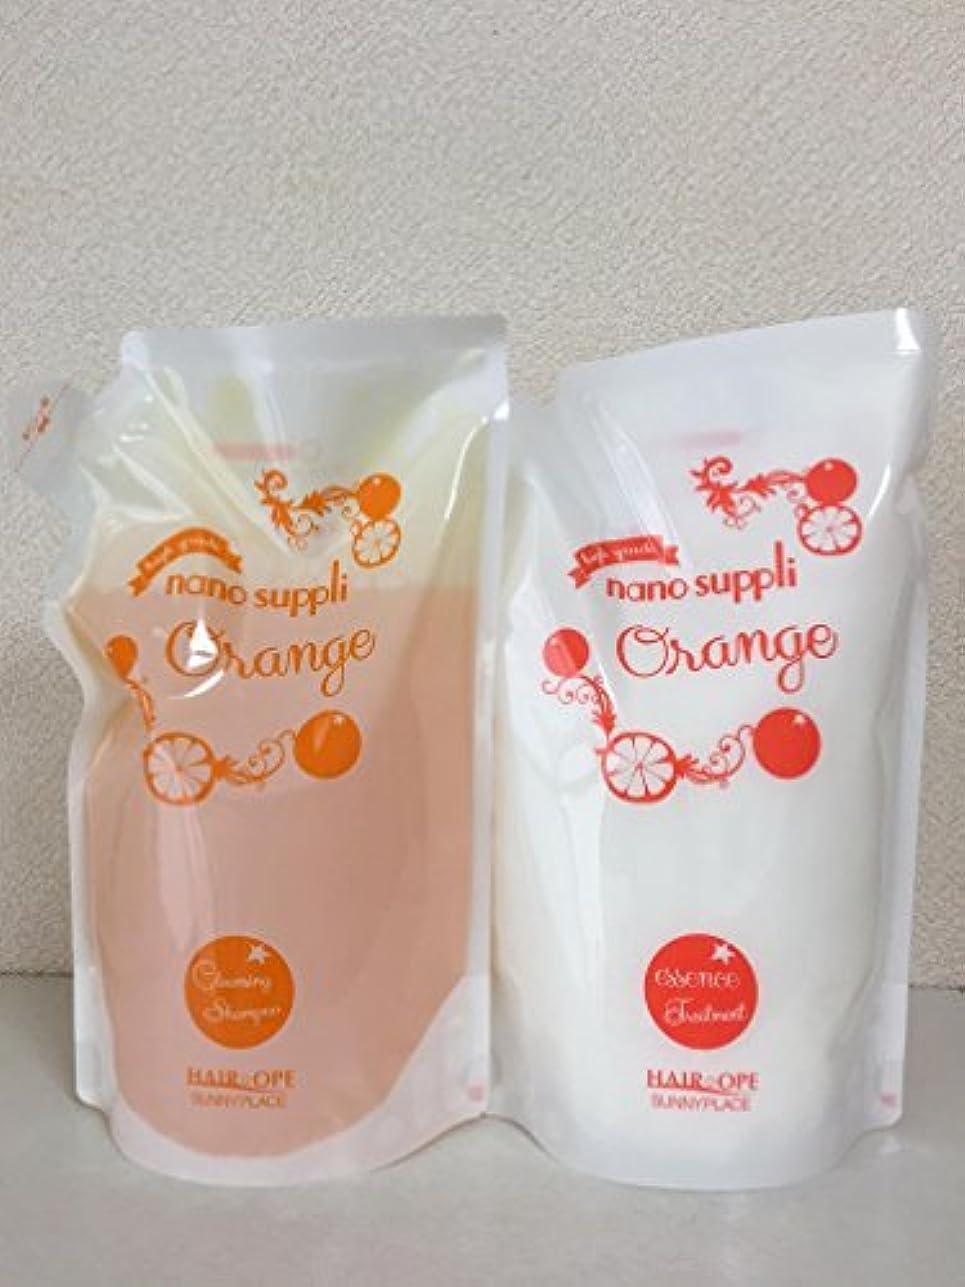 発言するポテトデジタルサニープレイス ナノサプリ クレンジングシャンプー&コンディショナー オレンジ 800ml詰替えセット